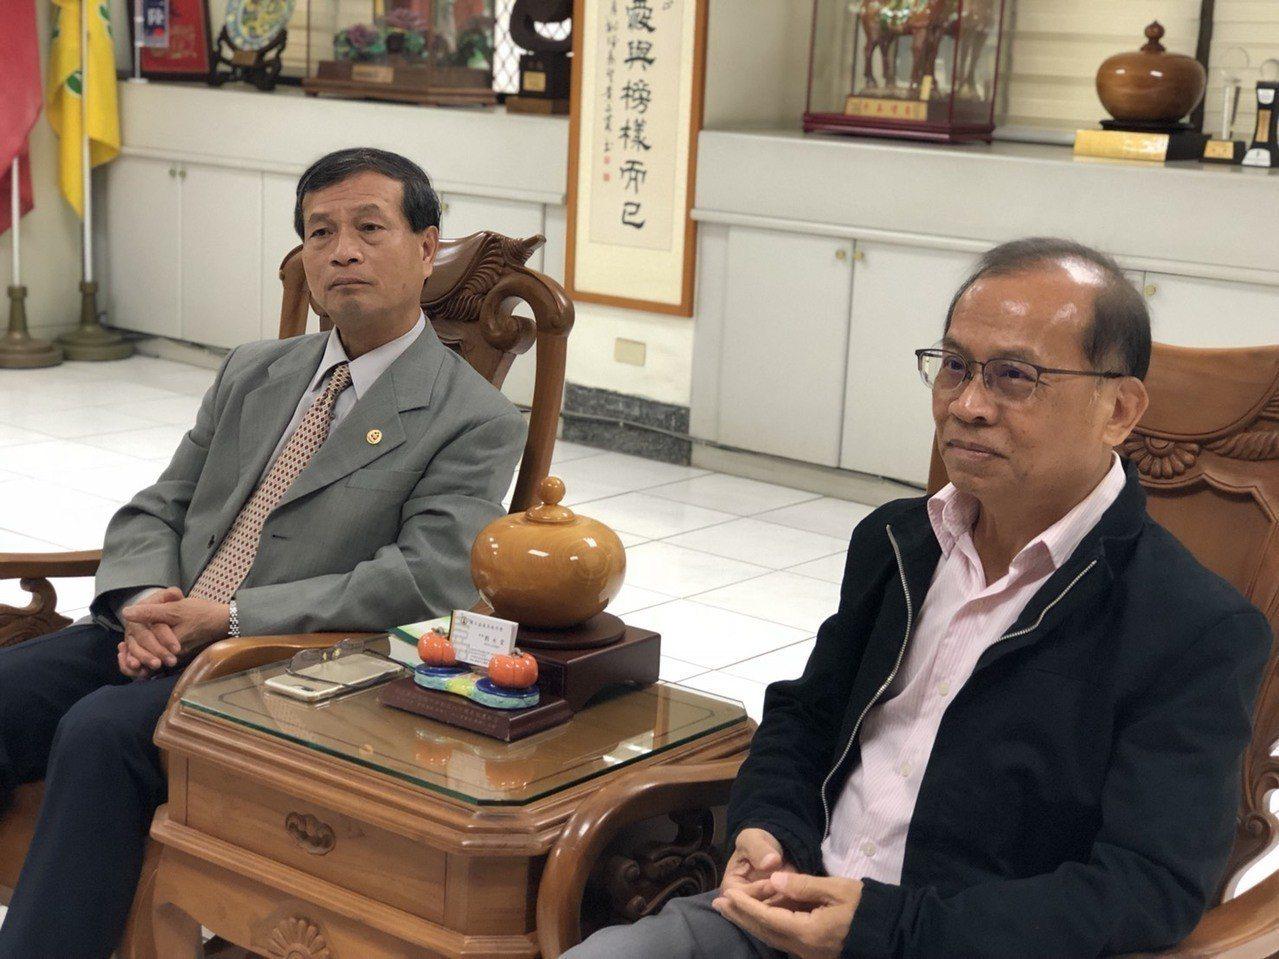 嘉中校長劉永堂說,嘉中校風一向自由民主,會給老師充裕的自主性,張老師命題出發點是...